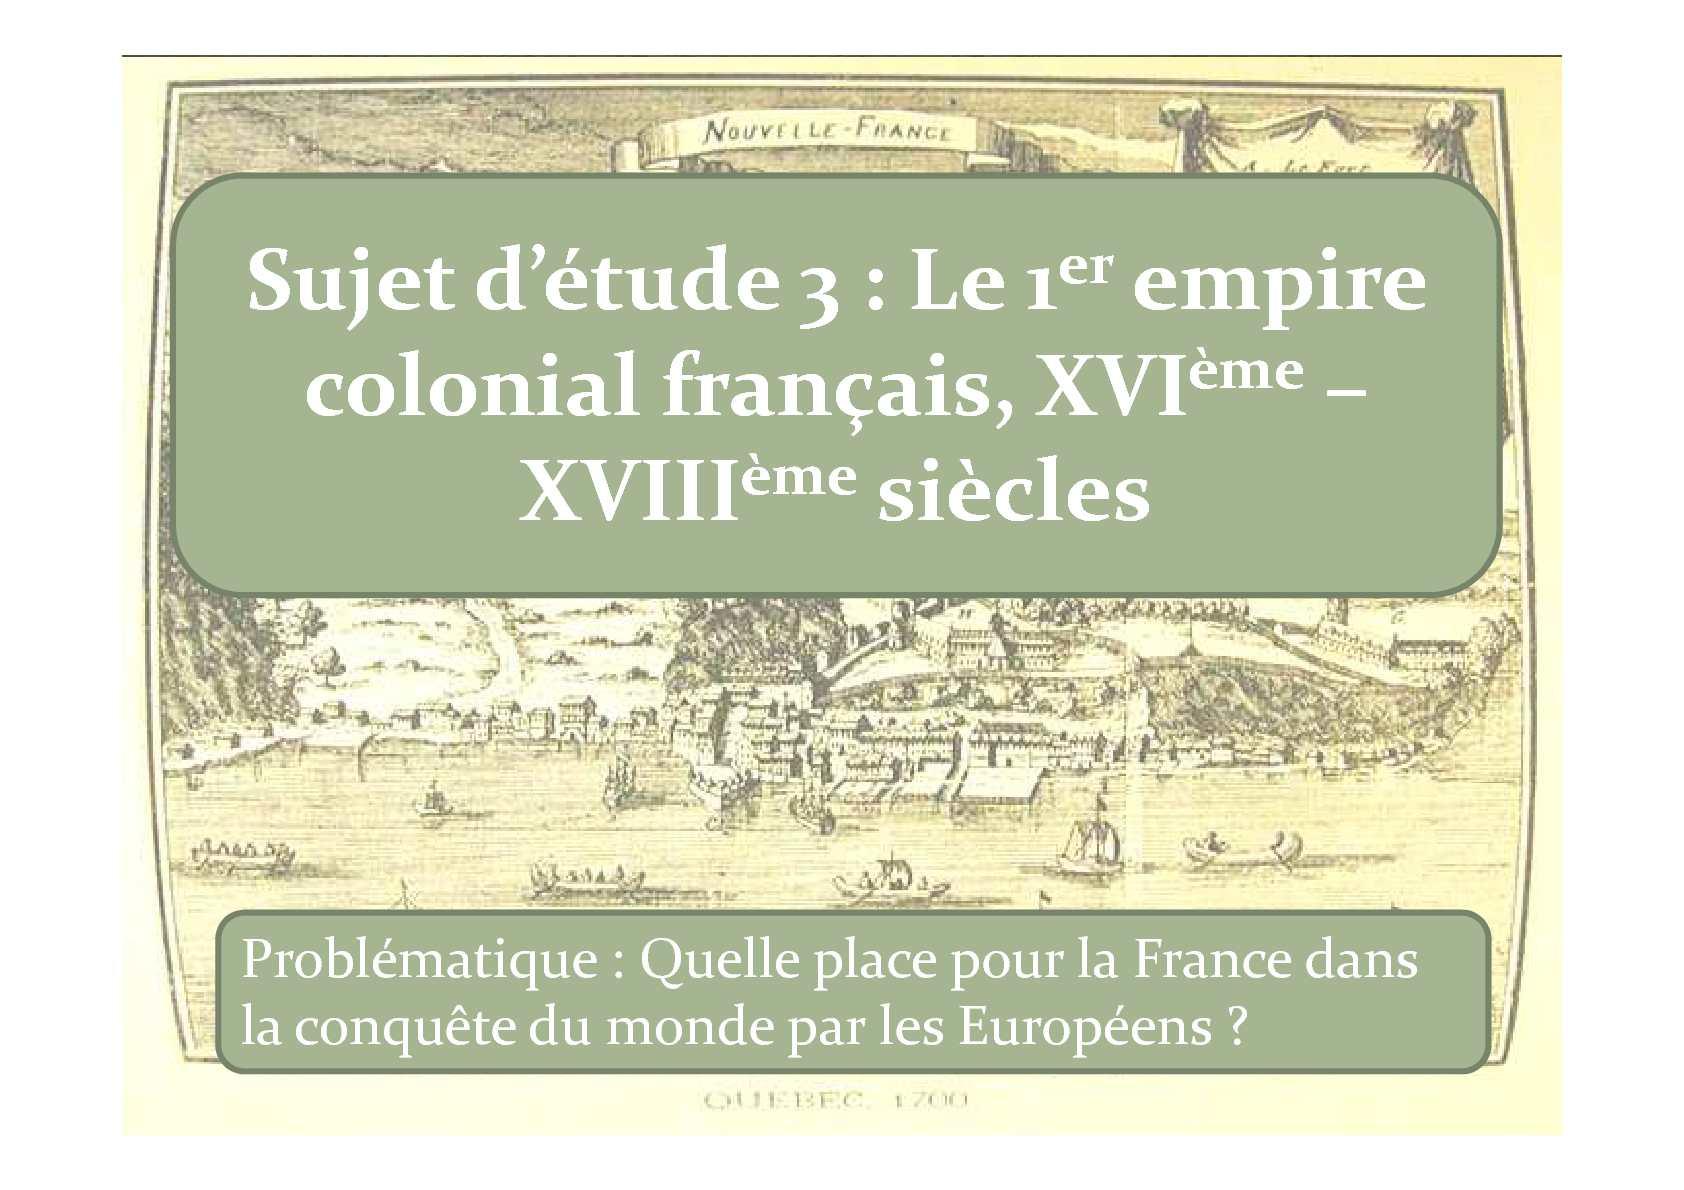 Sujet d'étude 3 : Le 1er empire colonial français / BAC PRO 3 ANS / Leçon 1